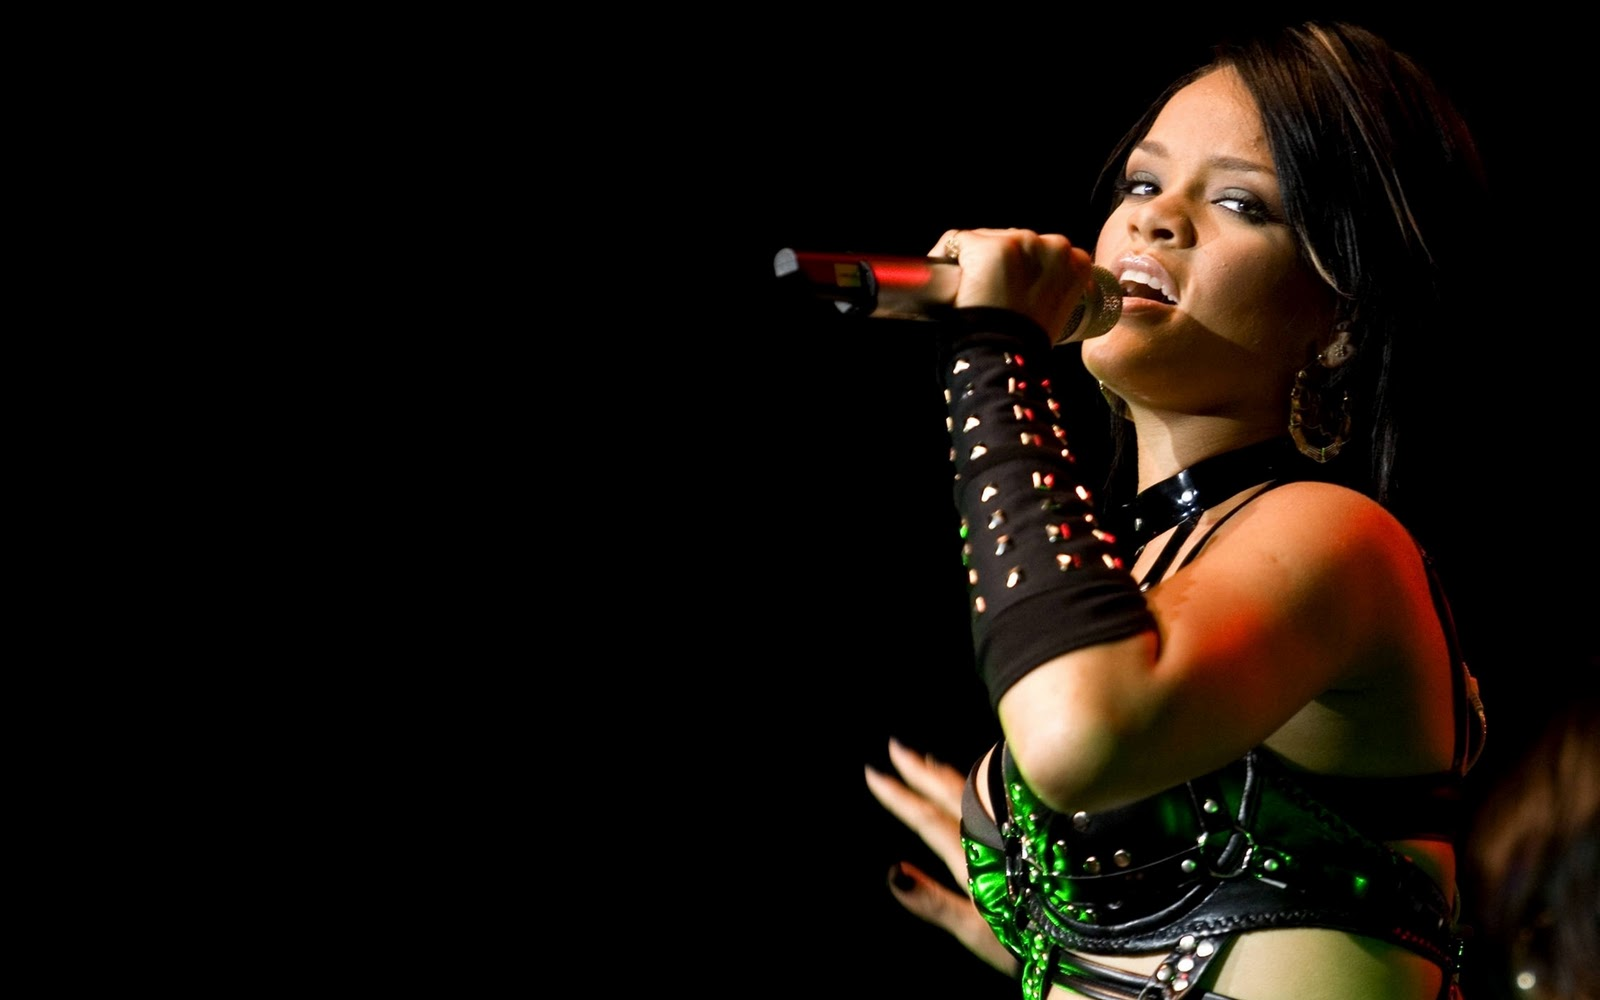 http://4.bp.blogspot.com/-BNMyaG7qGCk/TyabfuYrxmI/AAAAAAAAC2w/BptdgZqHF8I/s1600/Rihanna-Wallpapers-Widescreen-2.jpg